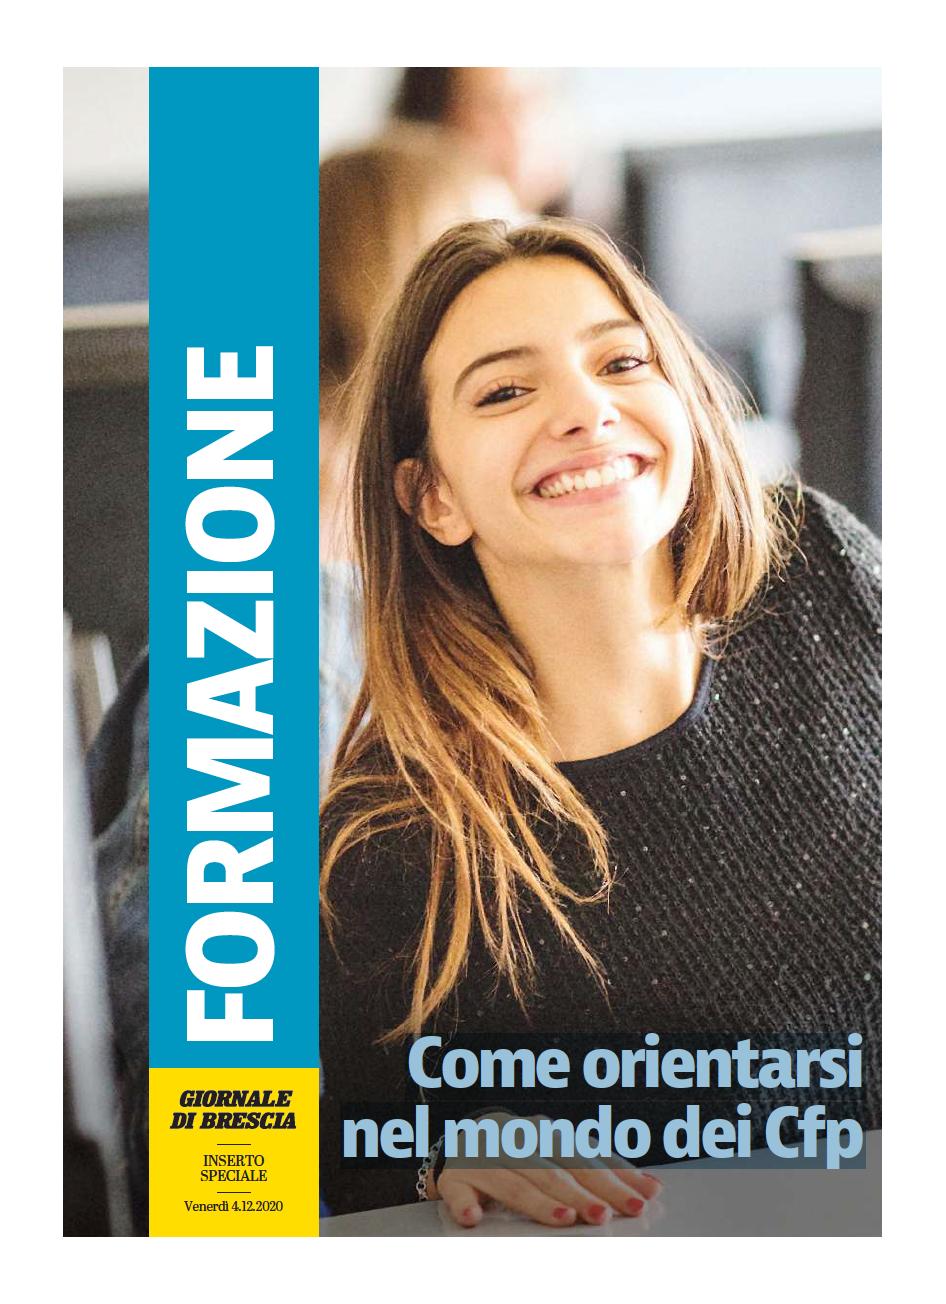 Come orientarsi nel mondo dei Cfp - Giornale di Brescia